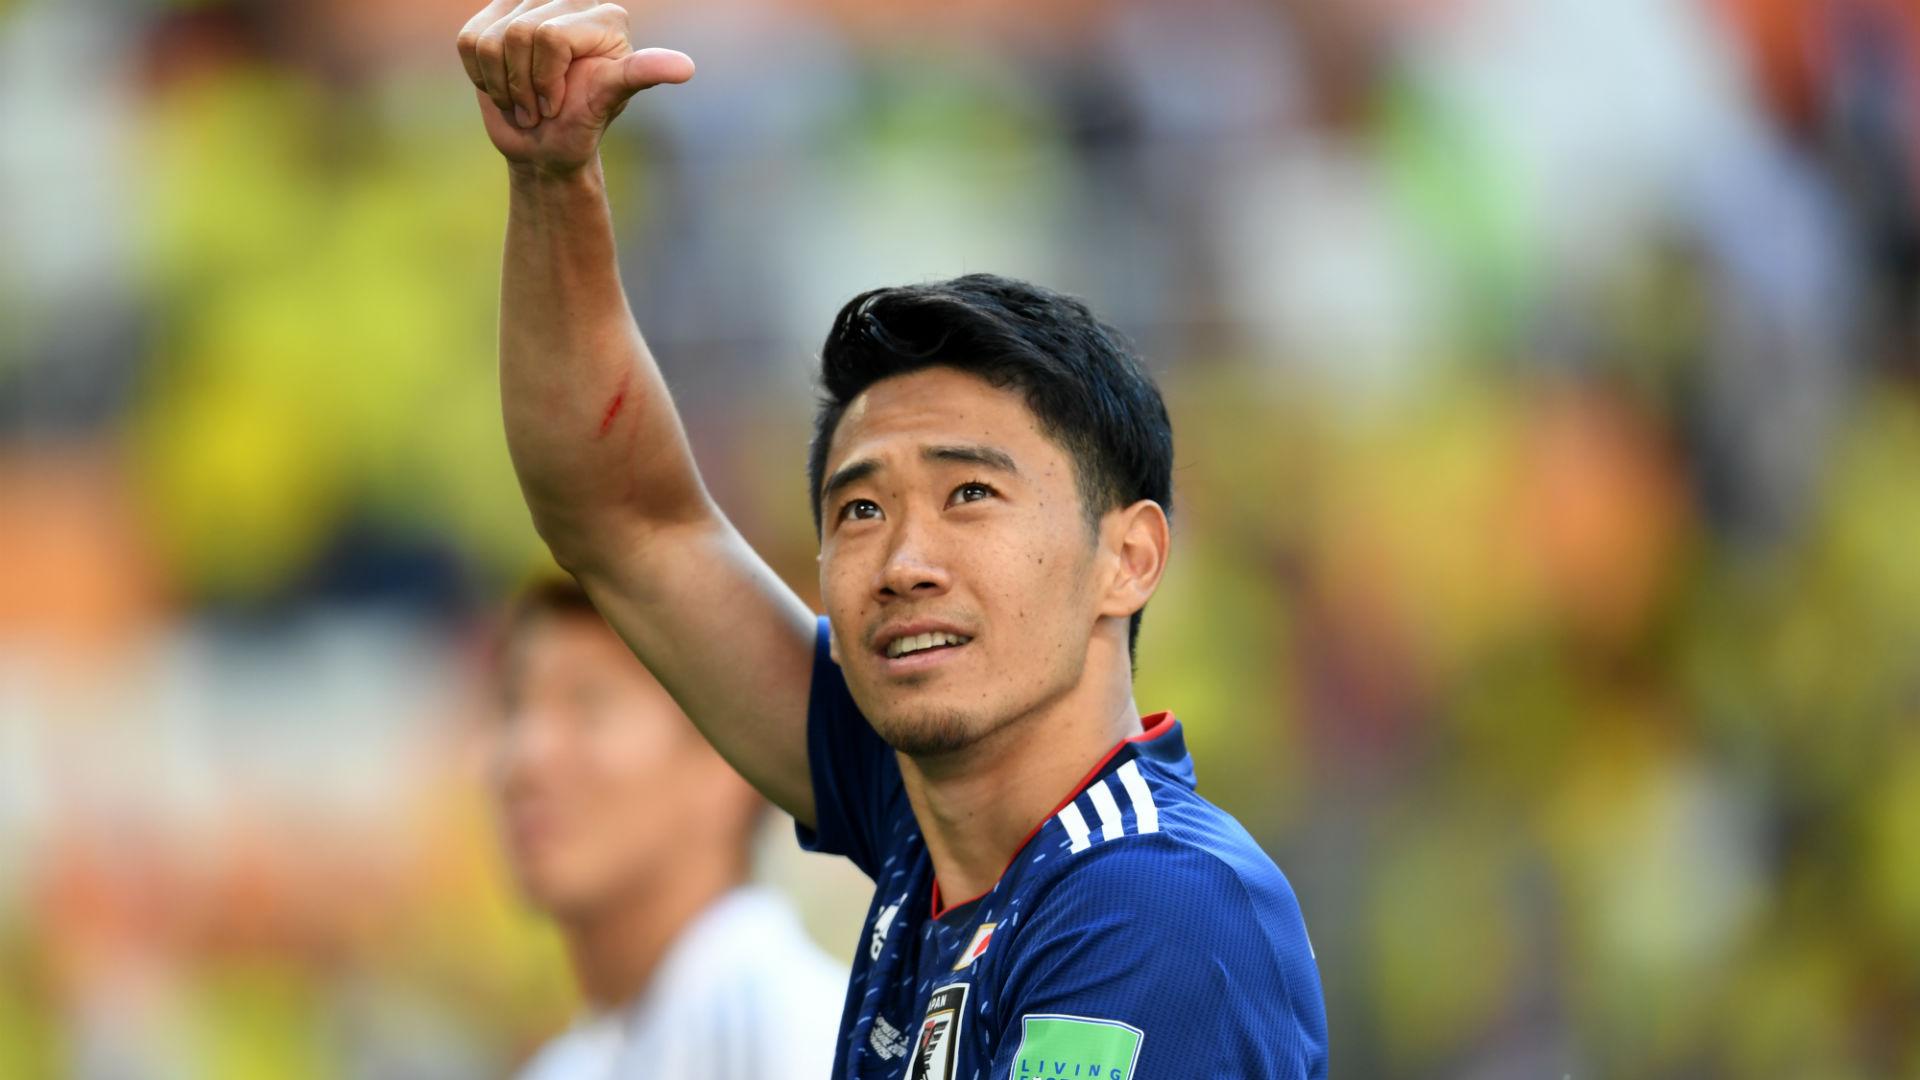 【サッカーW杯】 コロンビアに爆勝した日本がグループHを突破するための今後の展望 【皮算用】